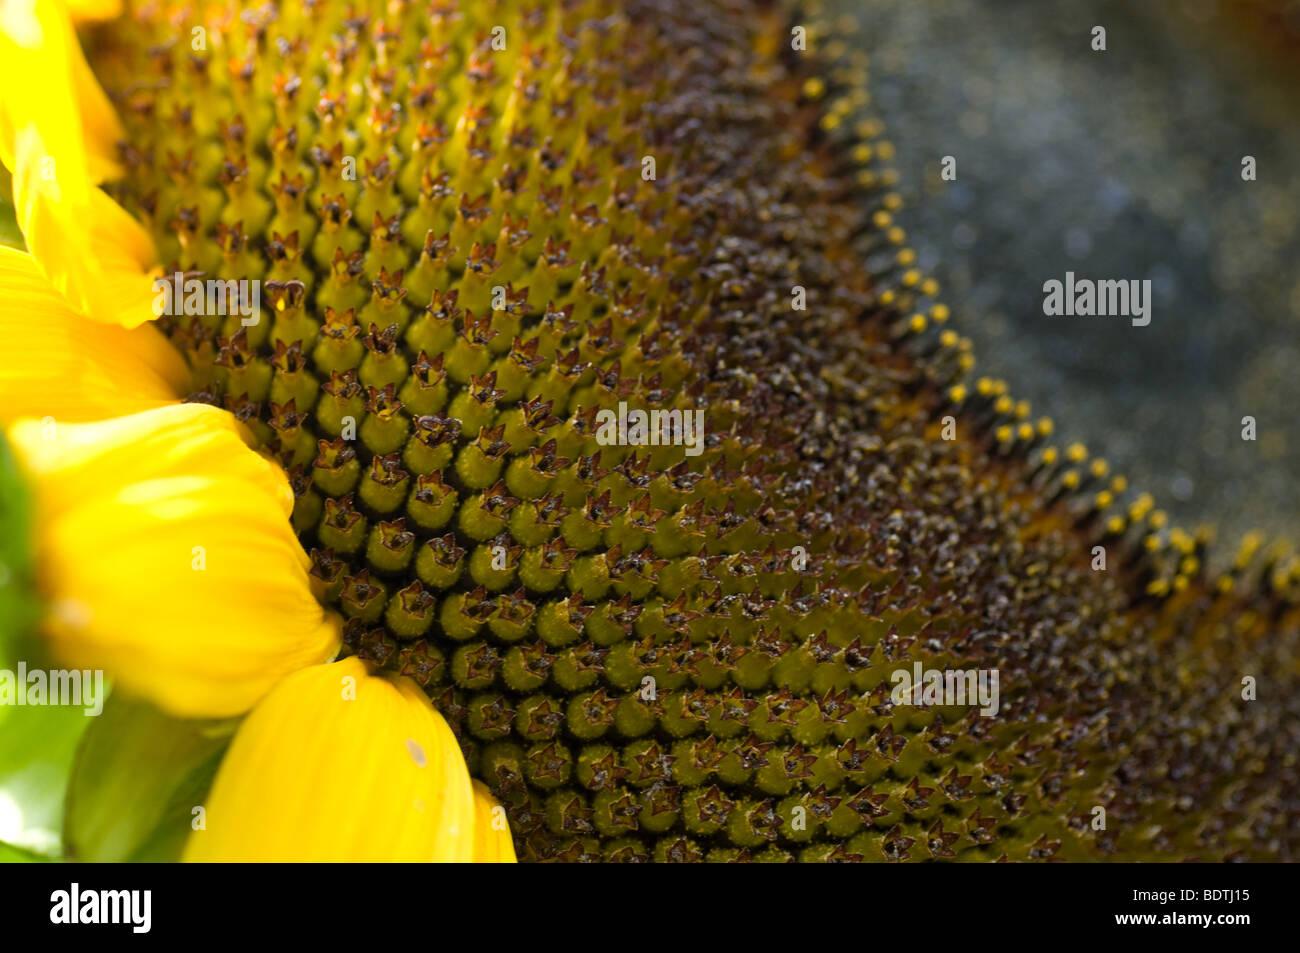 Sonnenblume Detail mit Saatgut Kopf Stockfoto